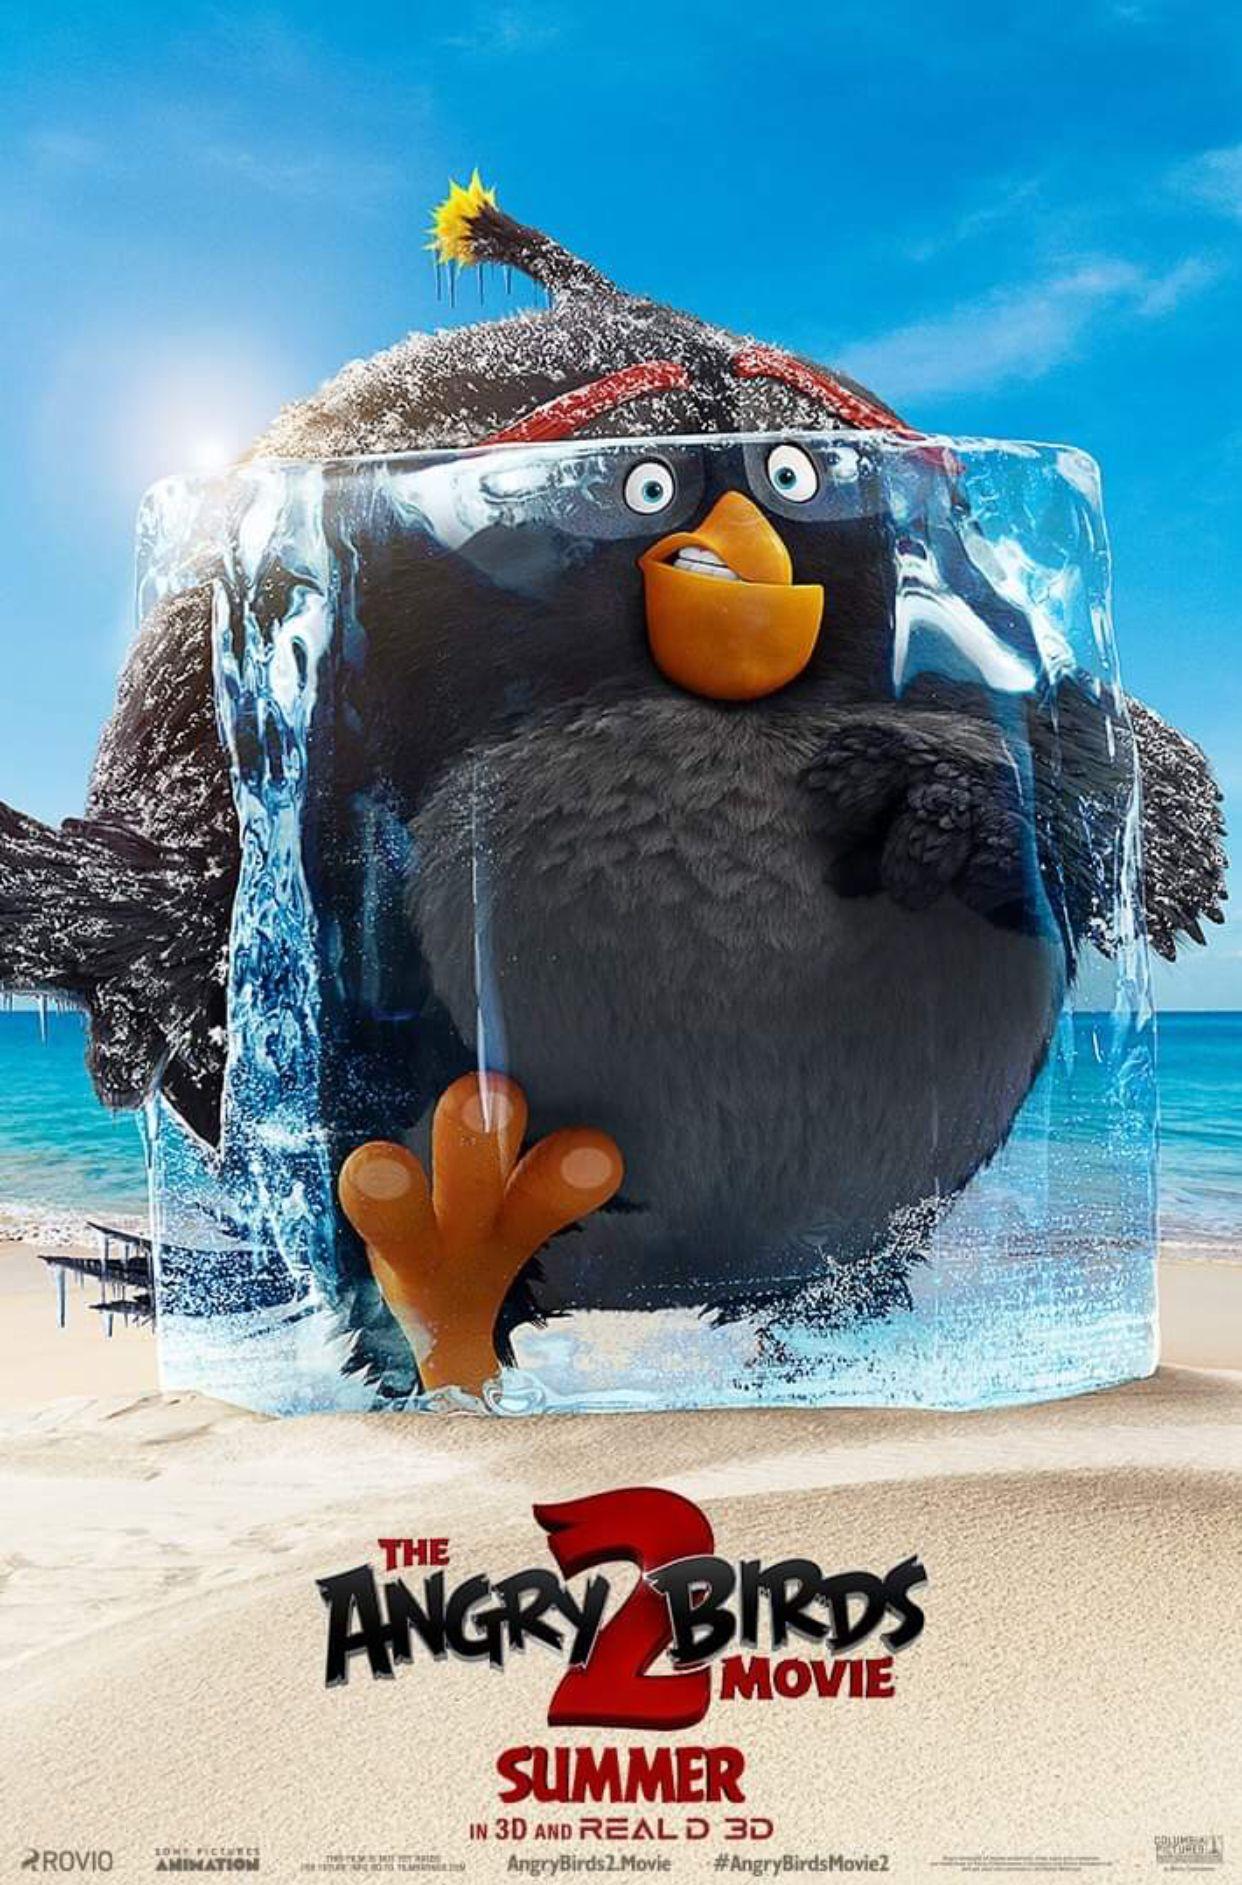 Pin De Arenukares En Movie Posters Ver Peliculas Gratis Películas Completas Poster De Peliculas